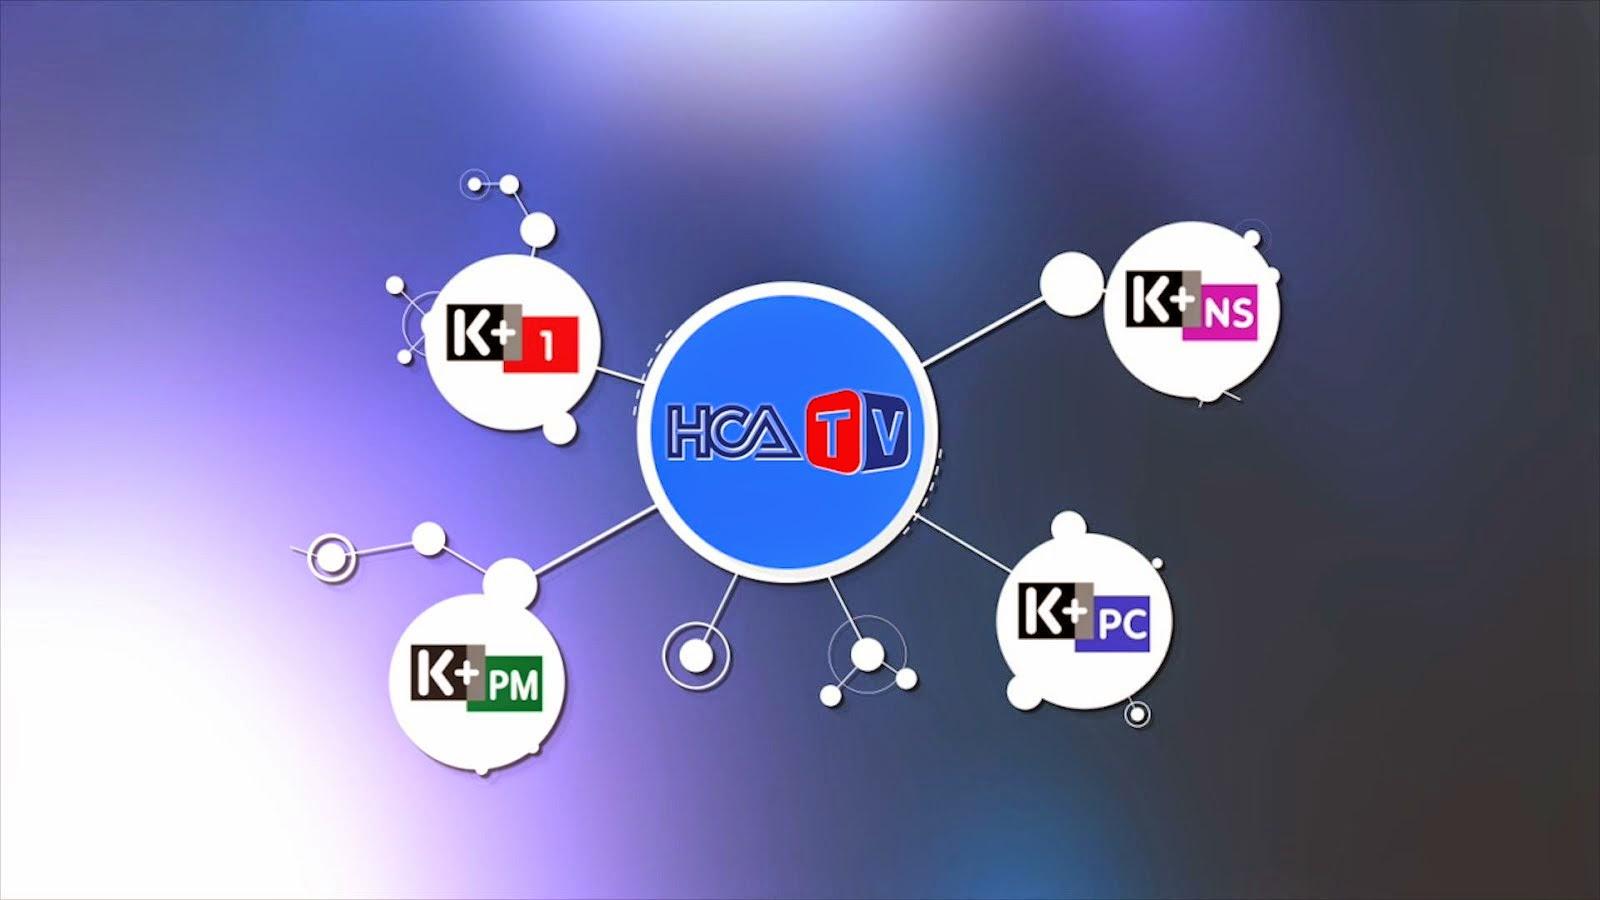 Xem K+ trên HCATV